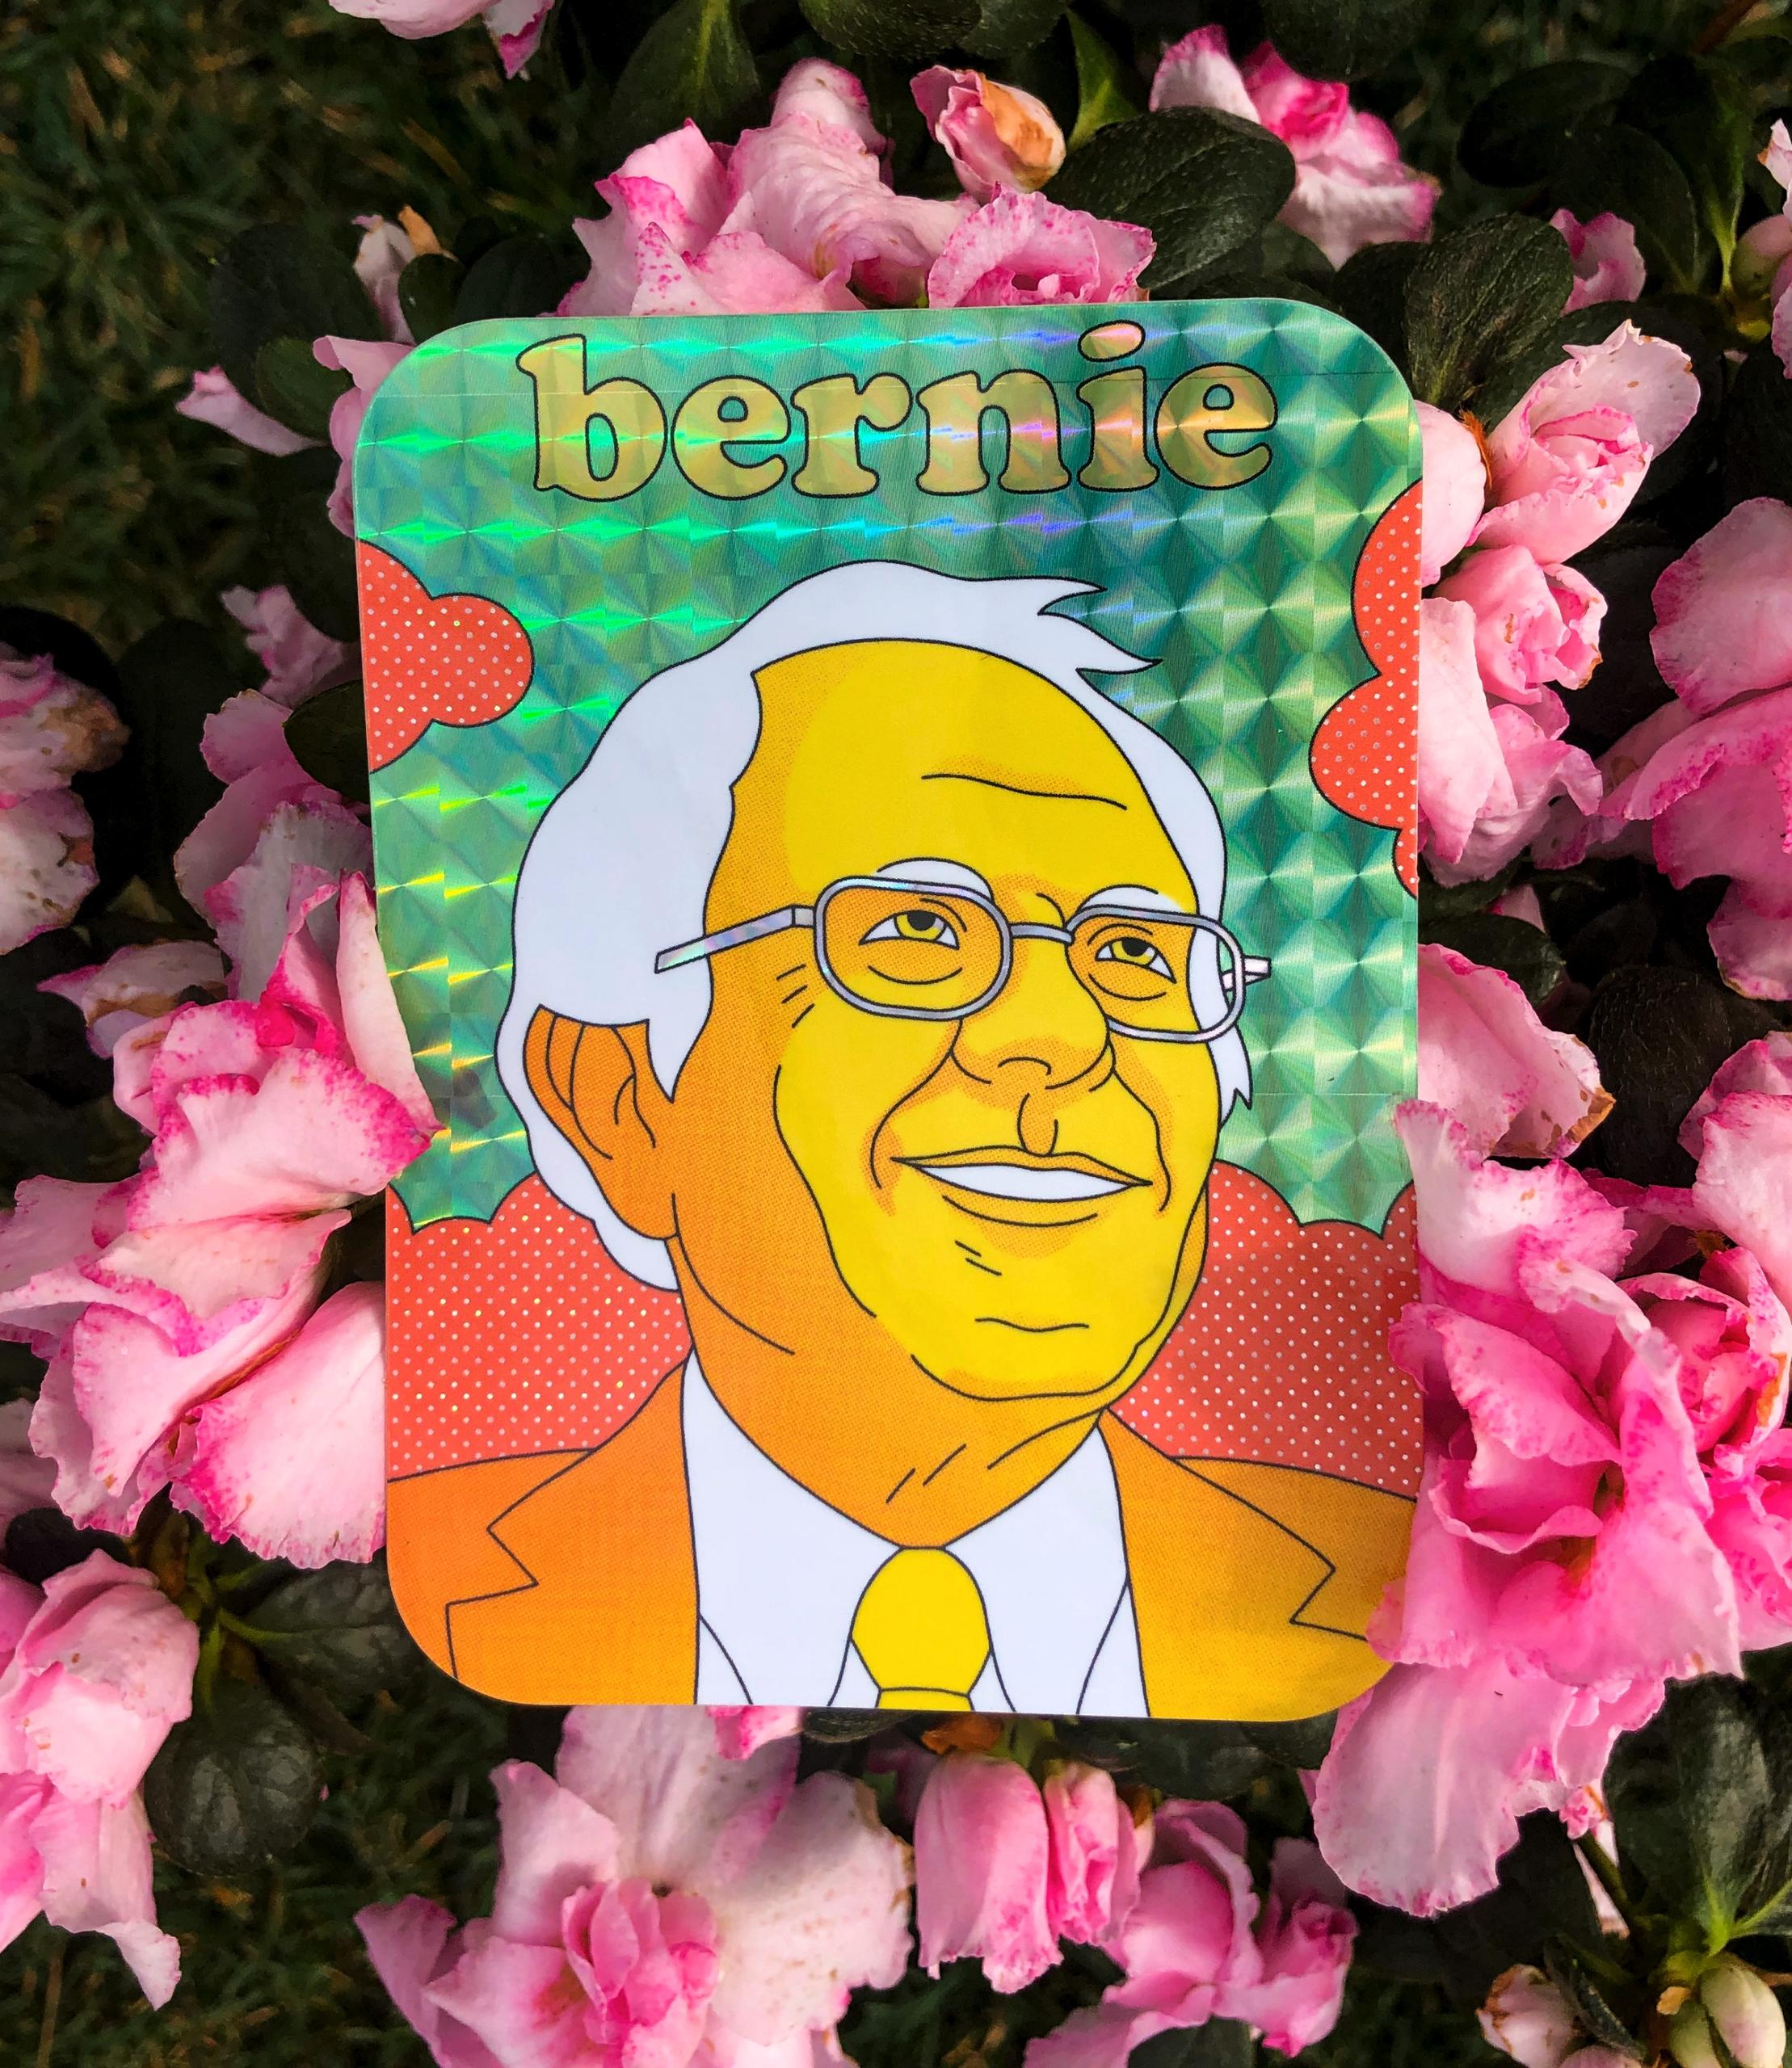 Show support Bernie Sanders rad - bryanwestart | ello